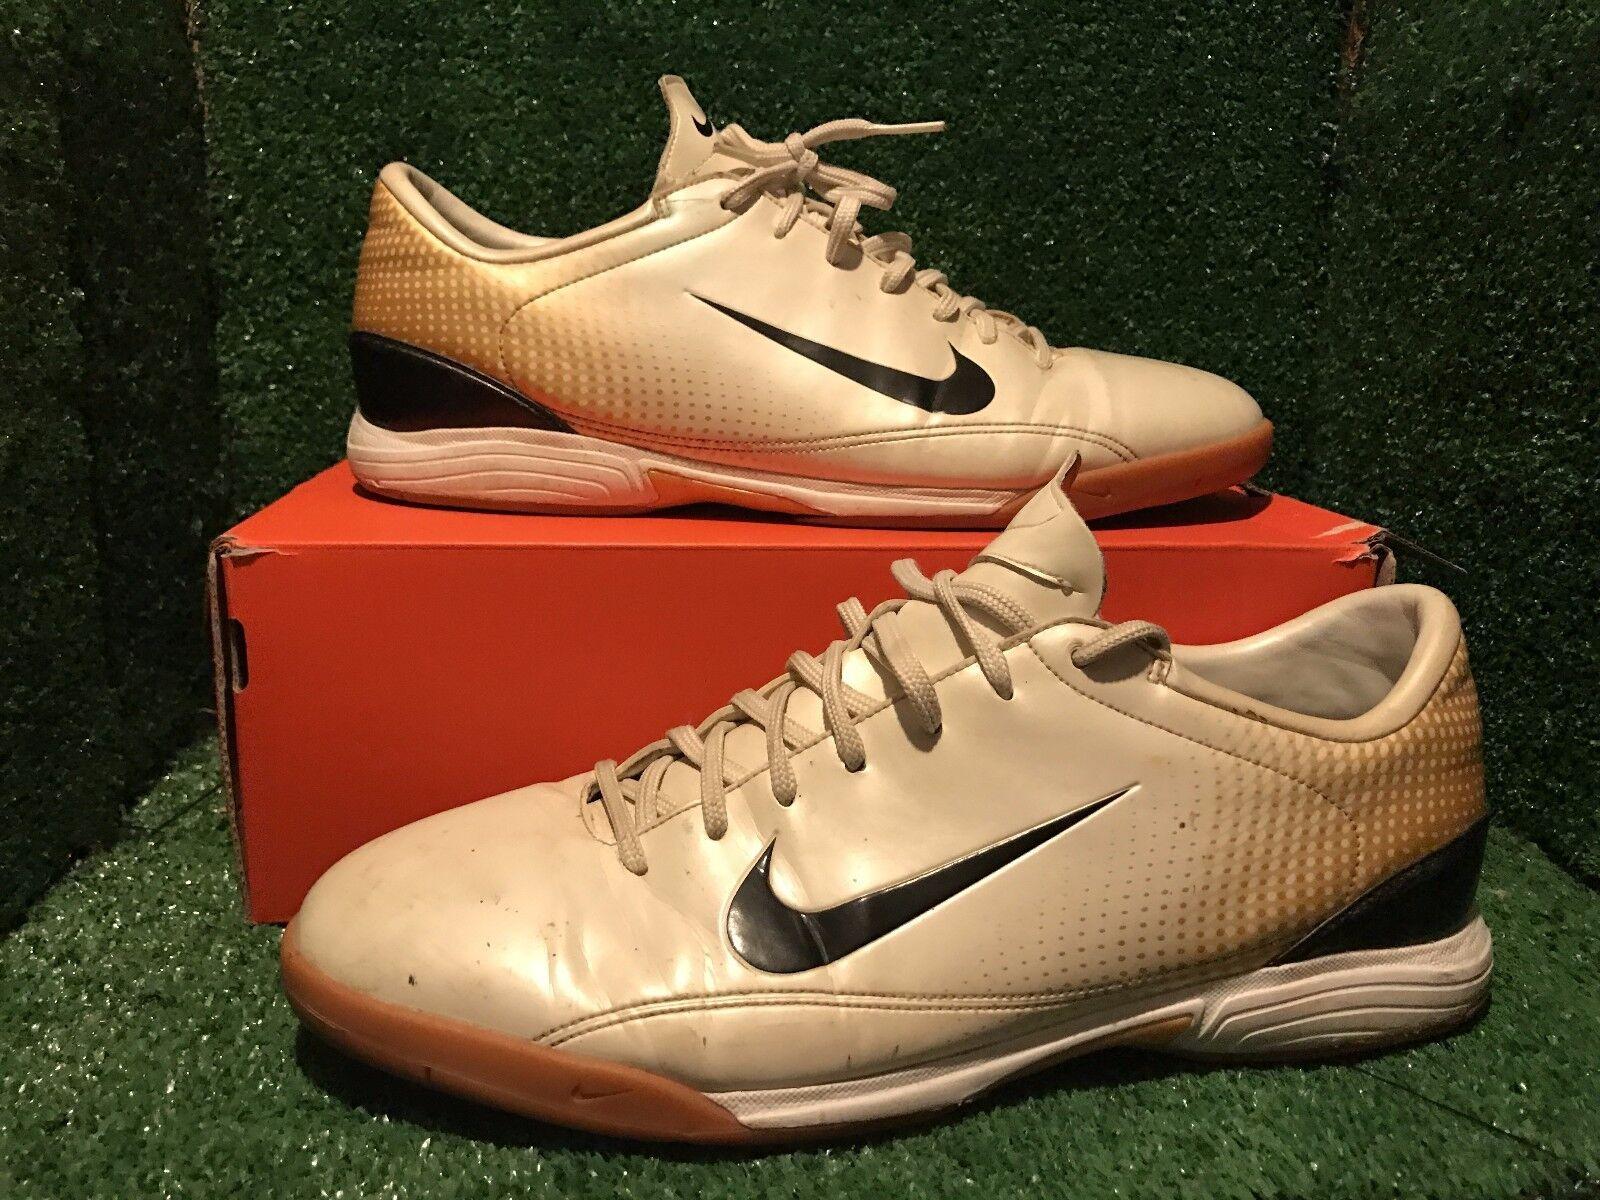 Nike Mercurial Vapor MV I II III R9 Indoor Zapatillas Fútbol botas 12 12 46